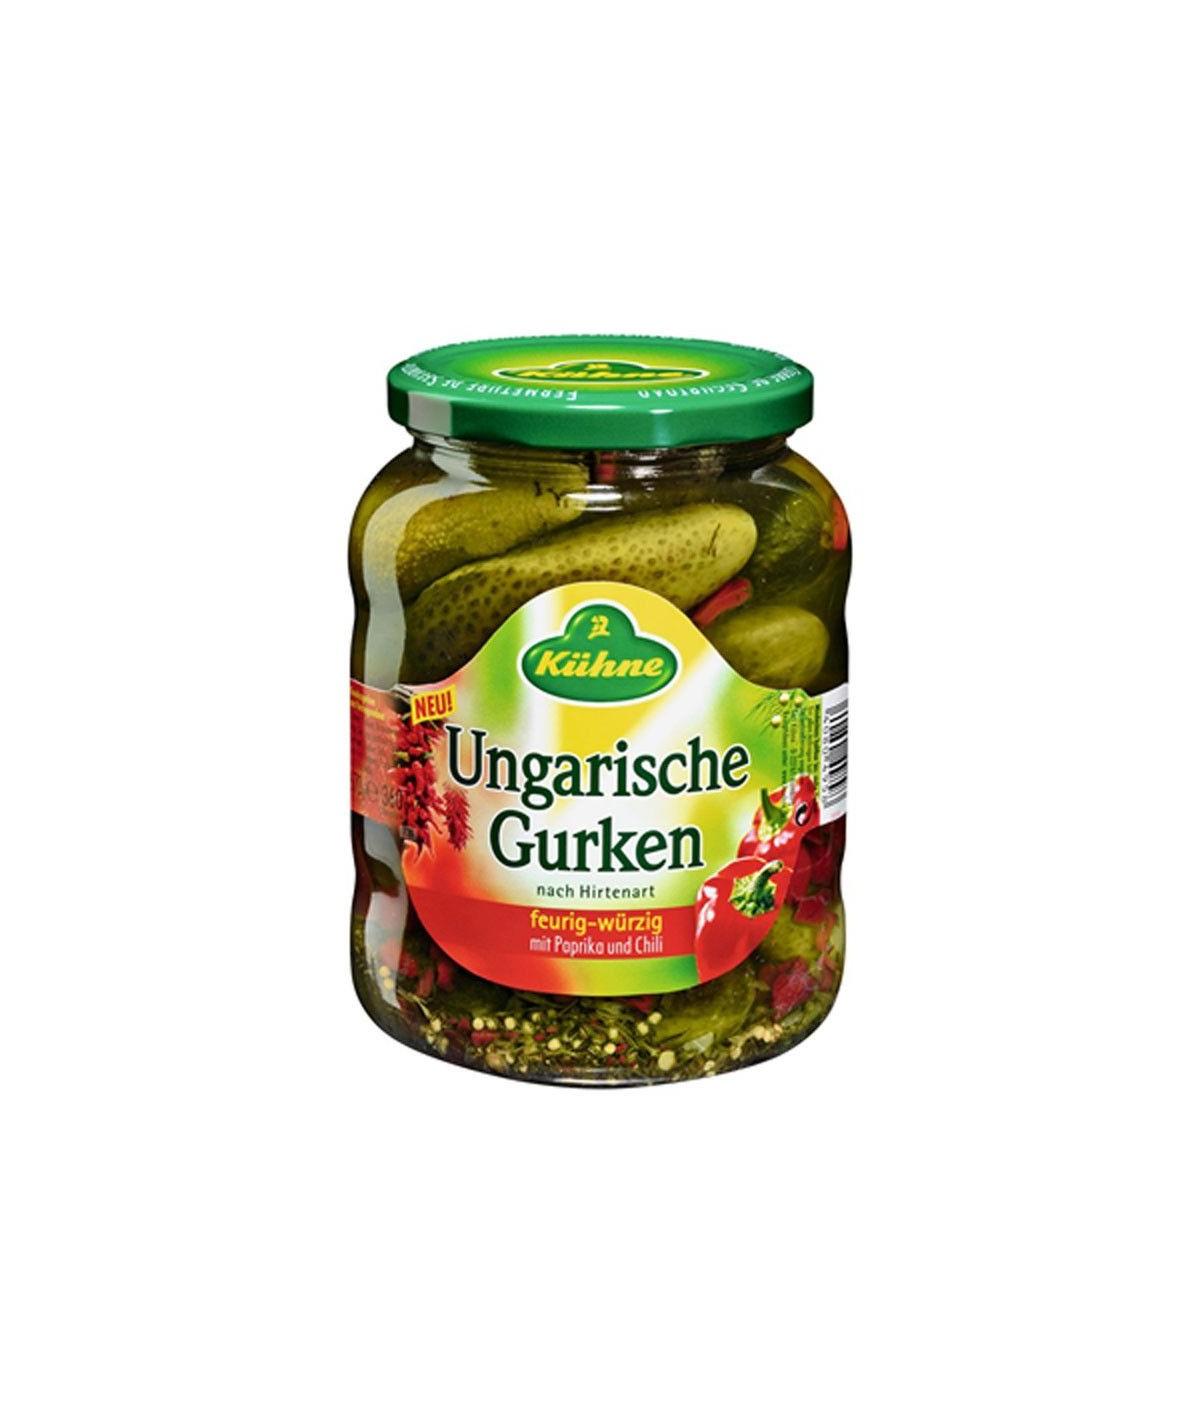 Ungarische Gurken feurig-würzig mit Paprika und Chili Kühne 720 ml